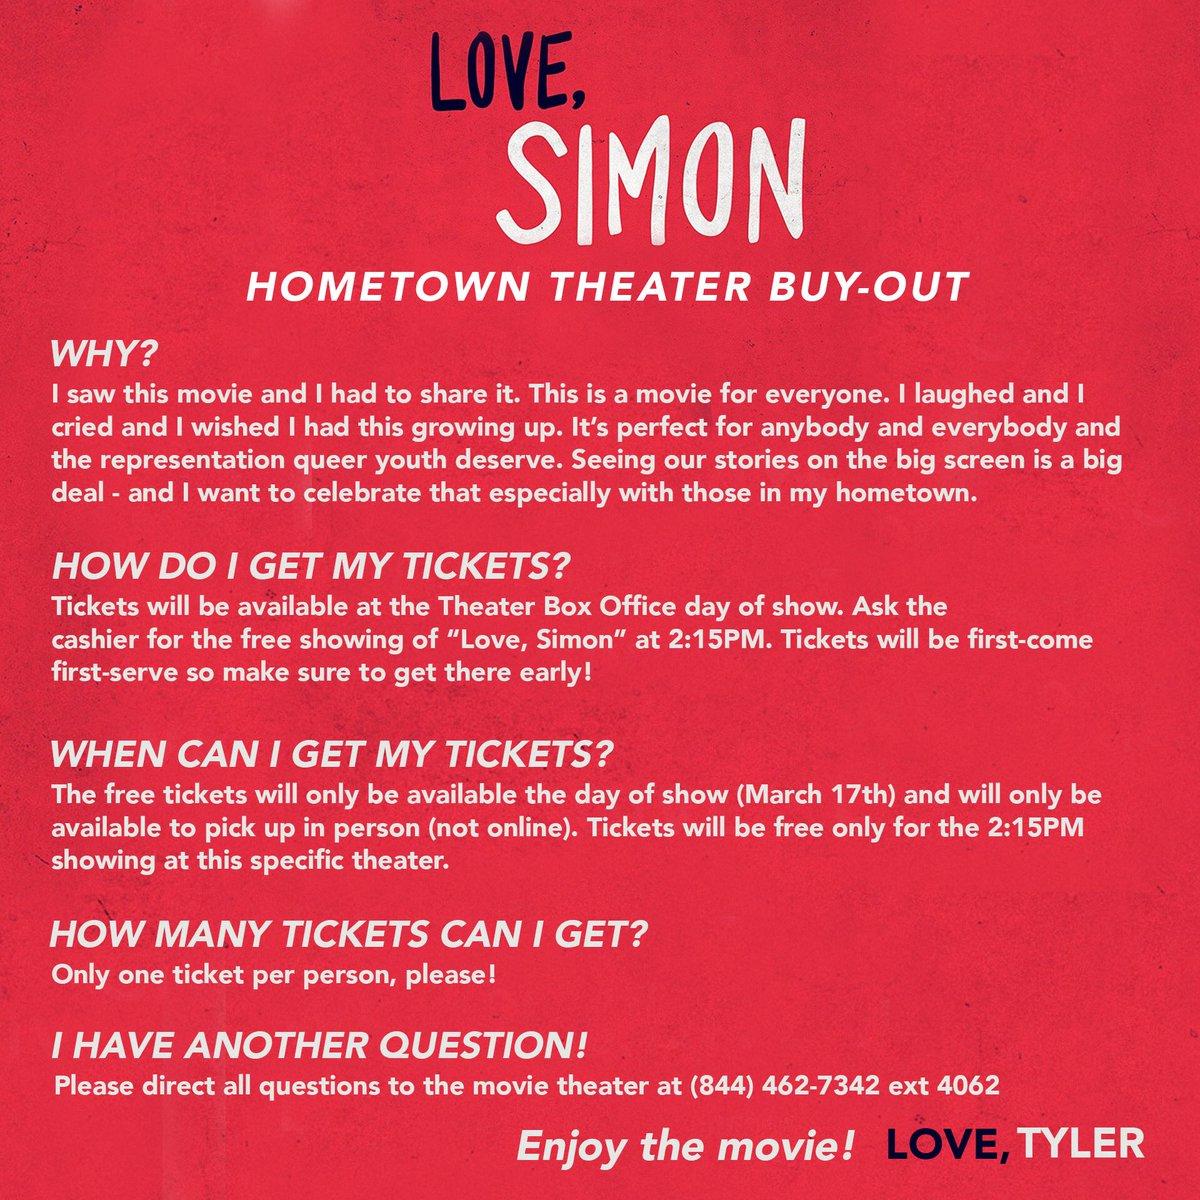 love simon full movie online free